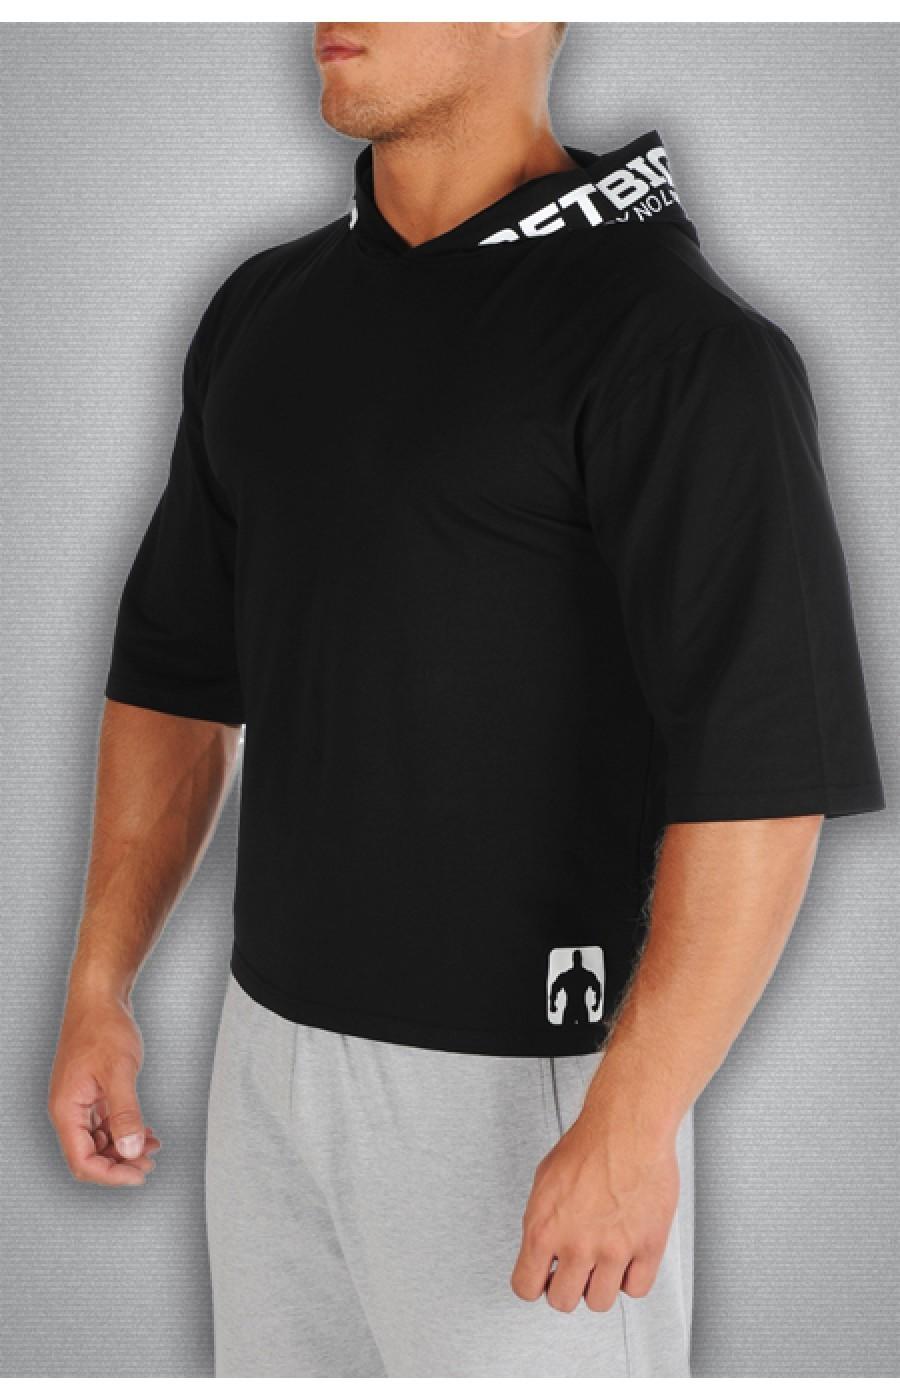 Футболка 3361 (черная)